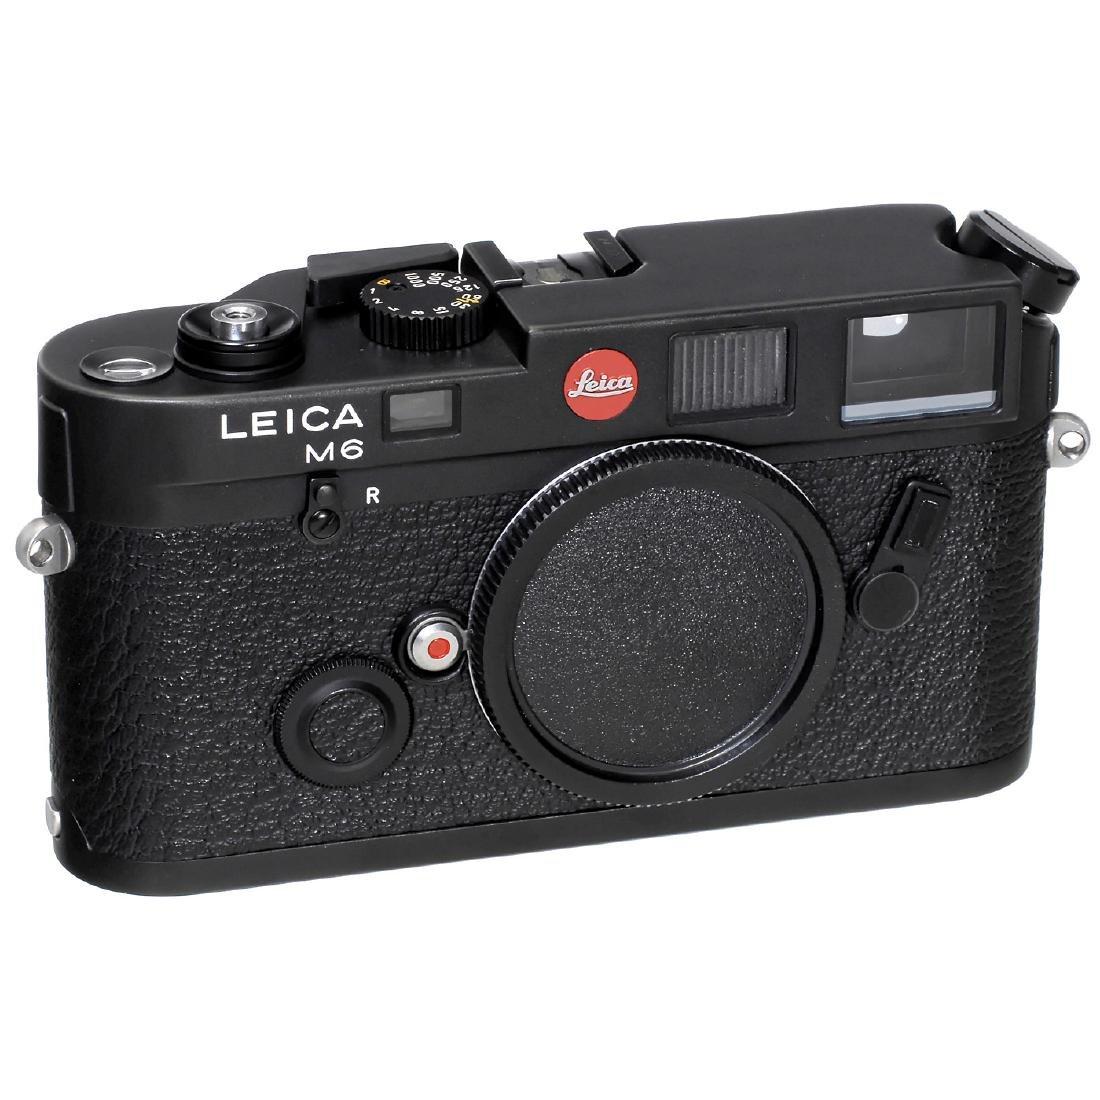 Leica M6, 1988